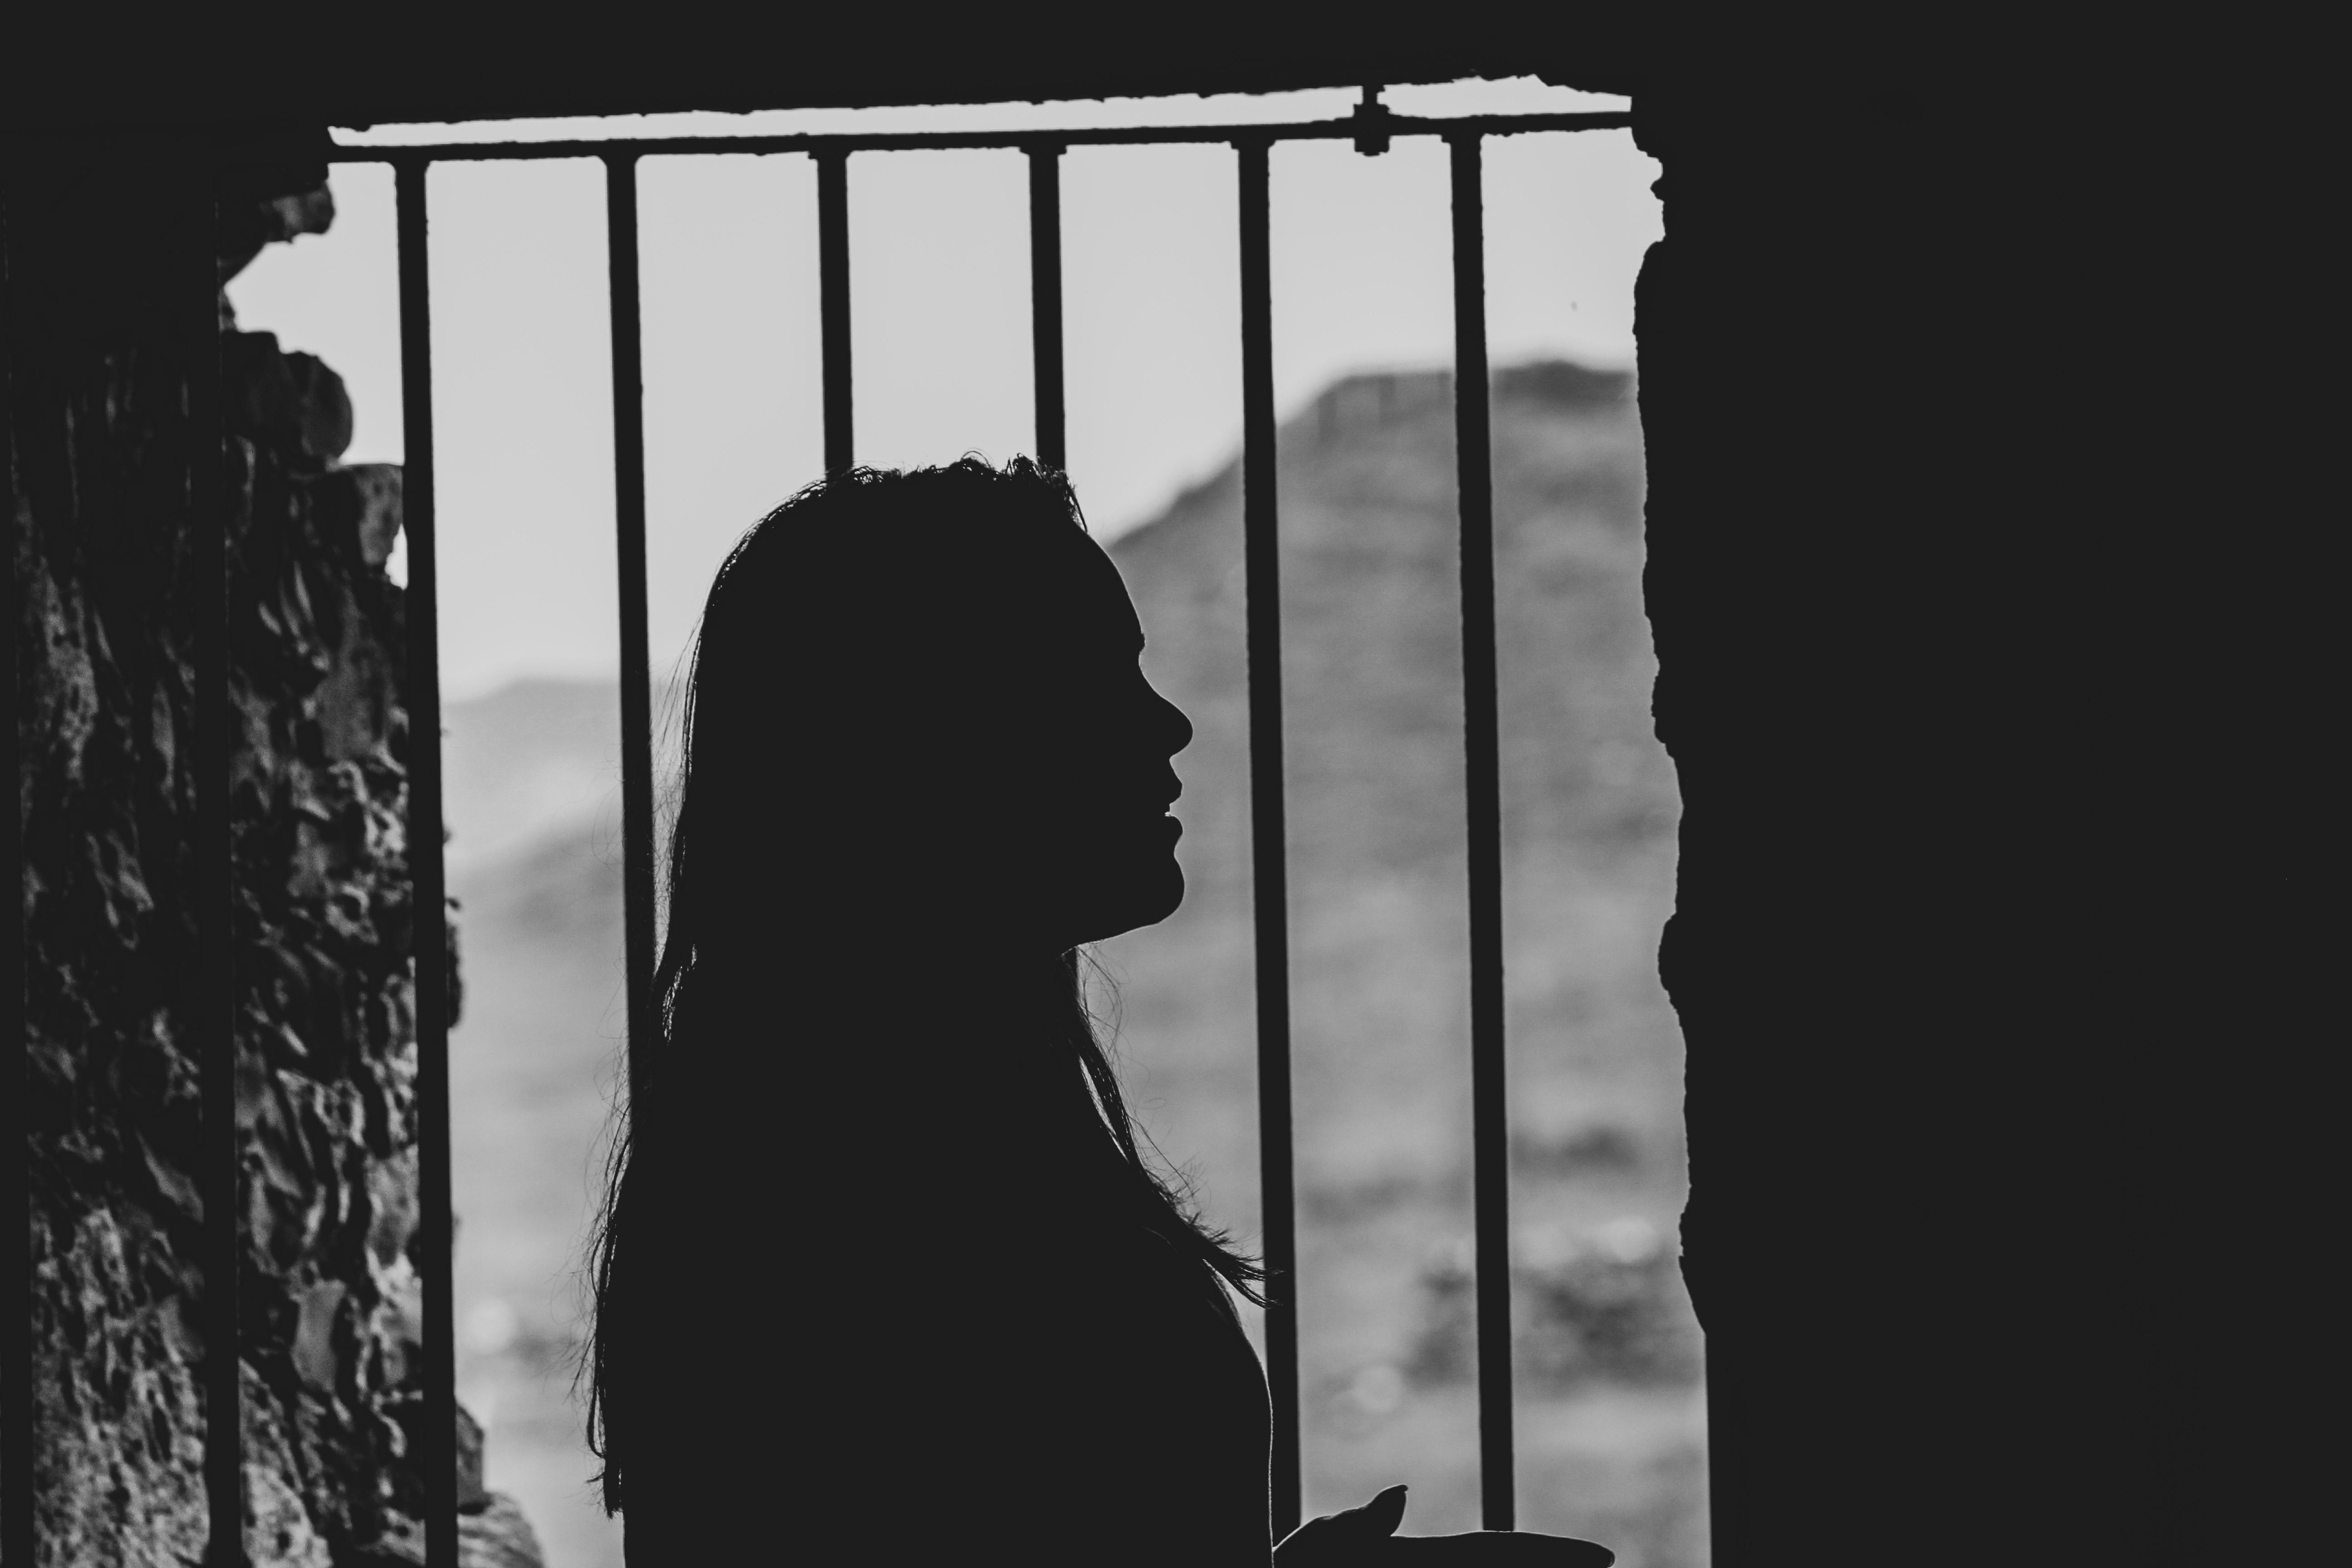 Túlterhelő és elhanyagoló szülők a meddőség (és egyéb beteljesületlen vágyak) mögött